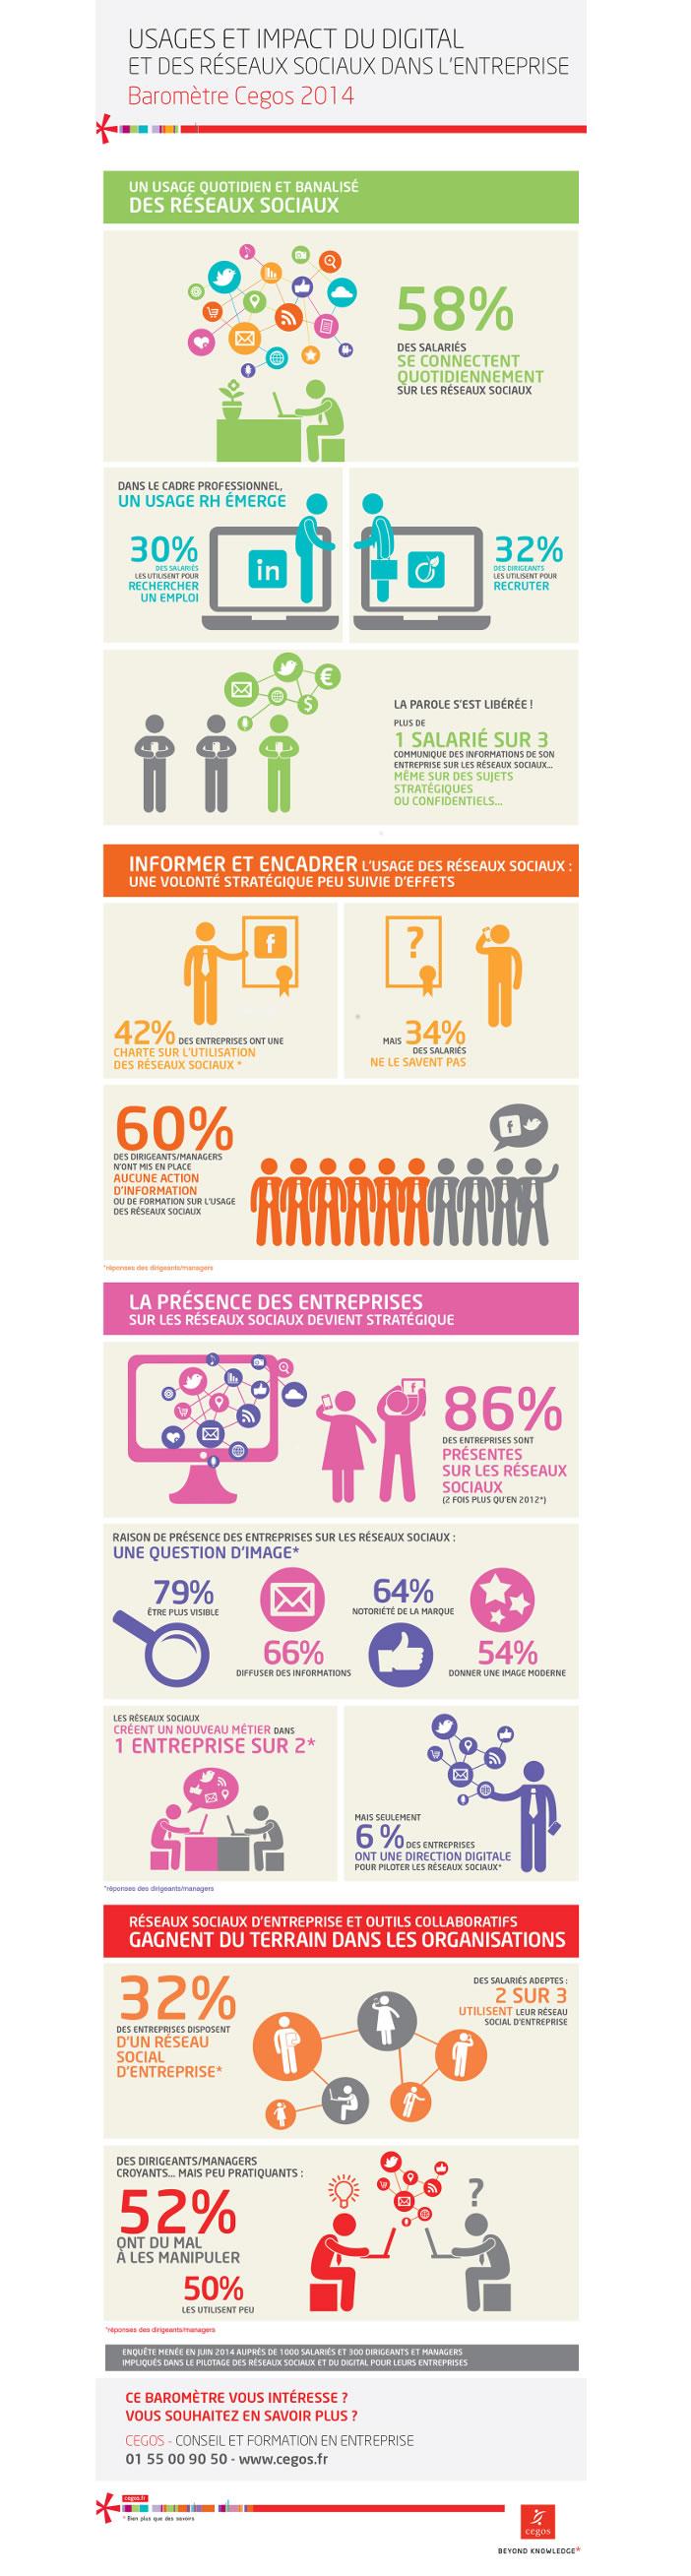 Usages et impact du digital et des réseaux sociaux dans l'entreprise